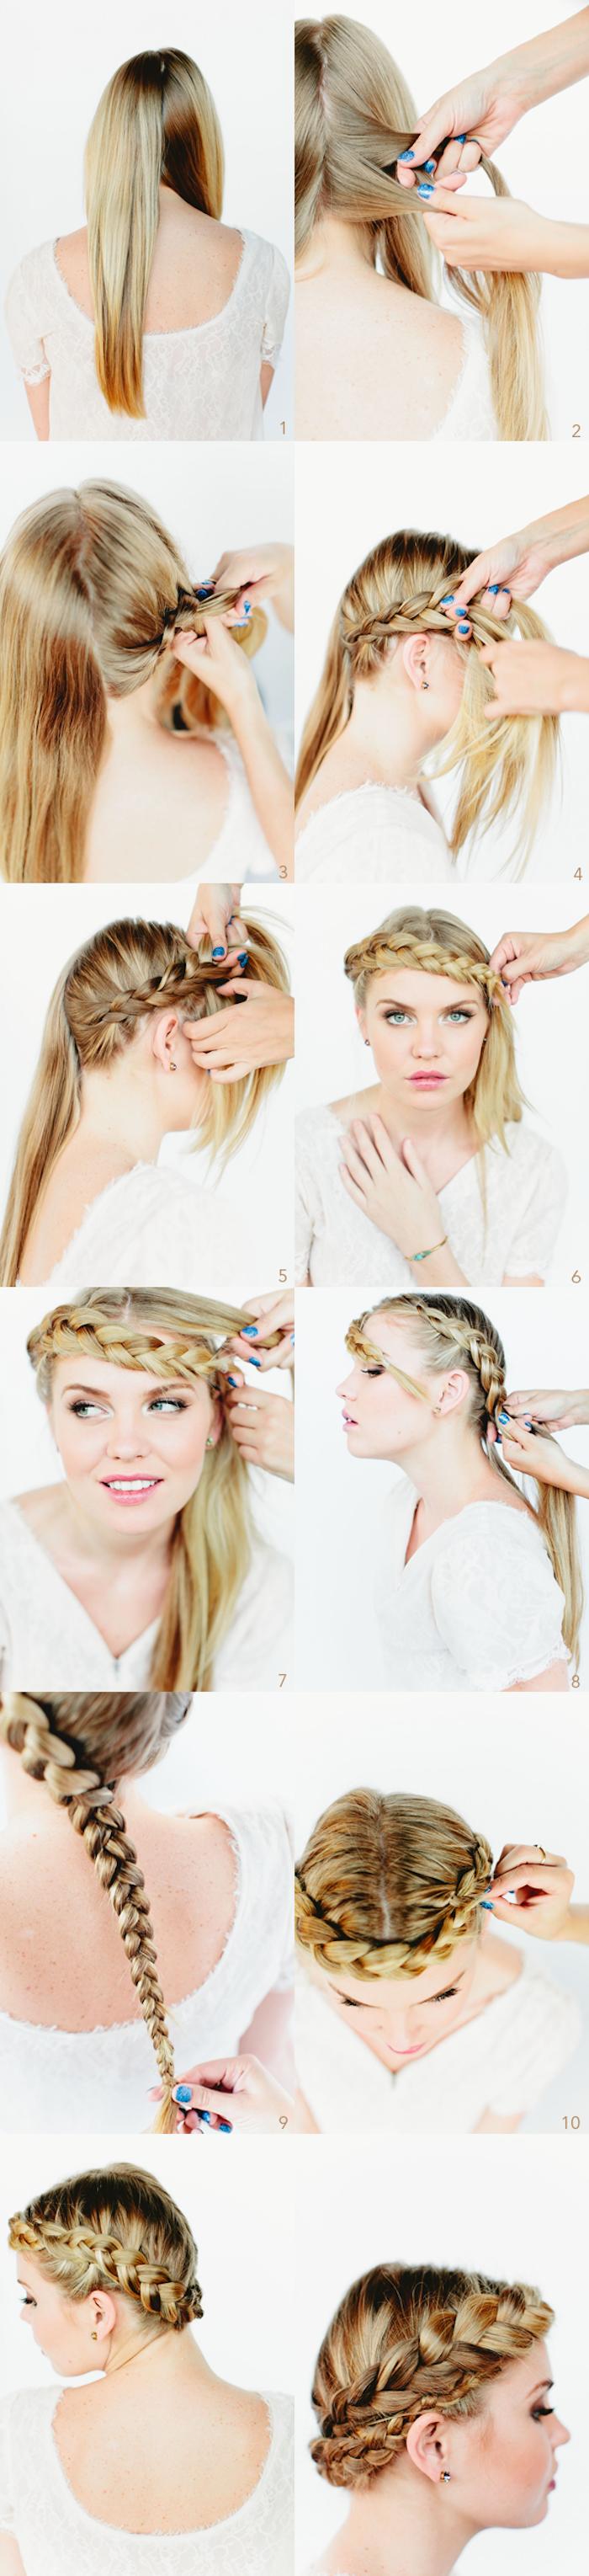 geflochtene zöpfe, frau mit mittellangen blonden haaren, kranzfrisur, kranzzopf, kronenzopf